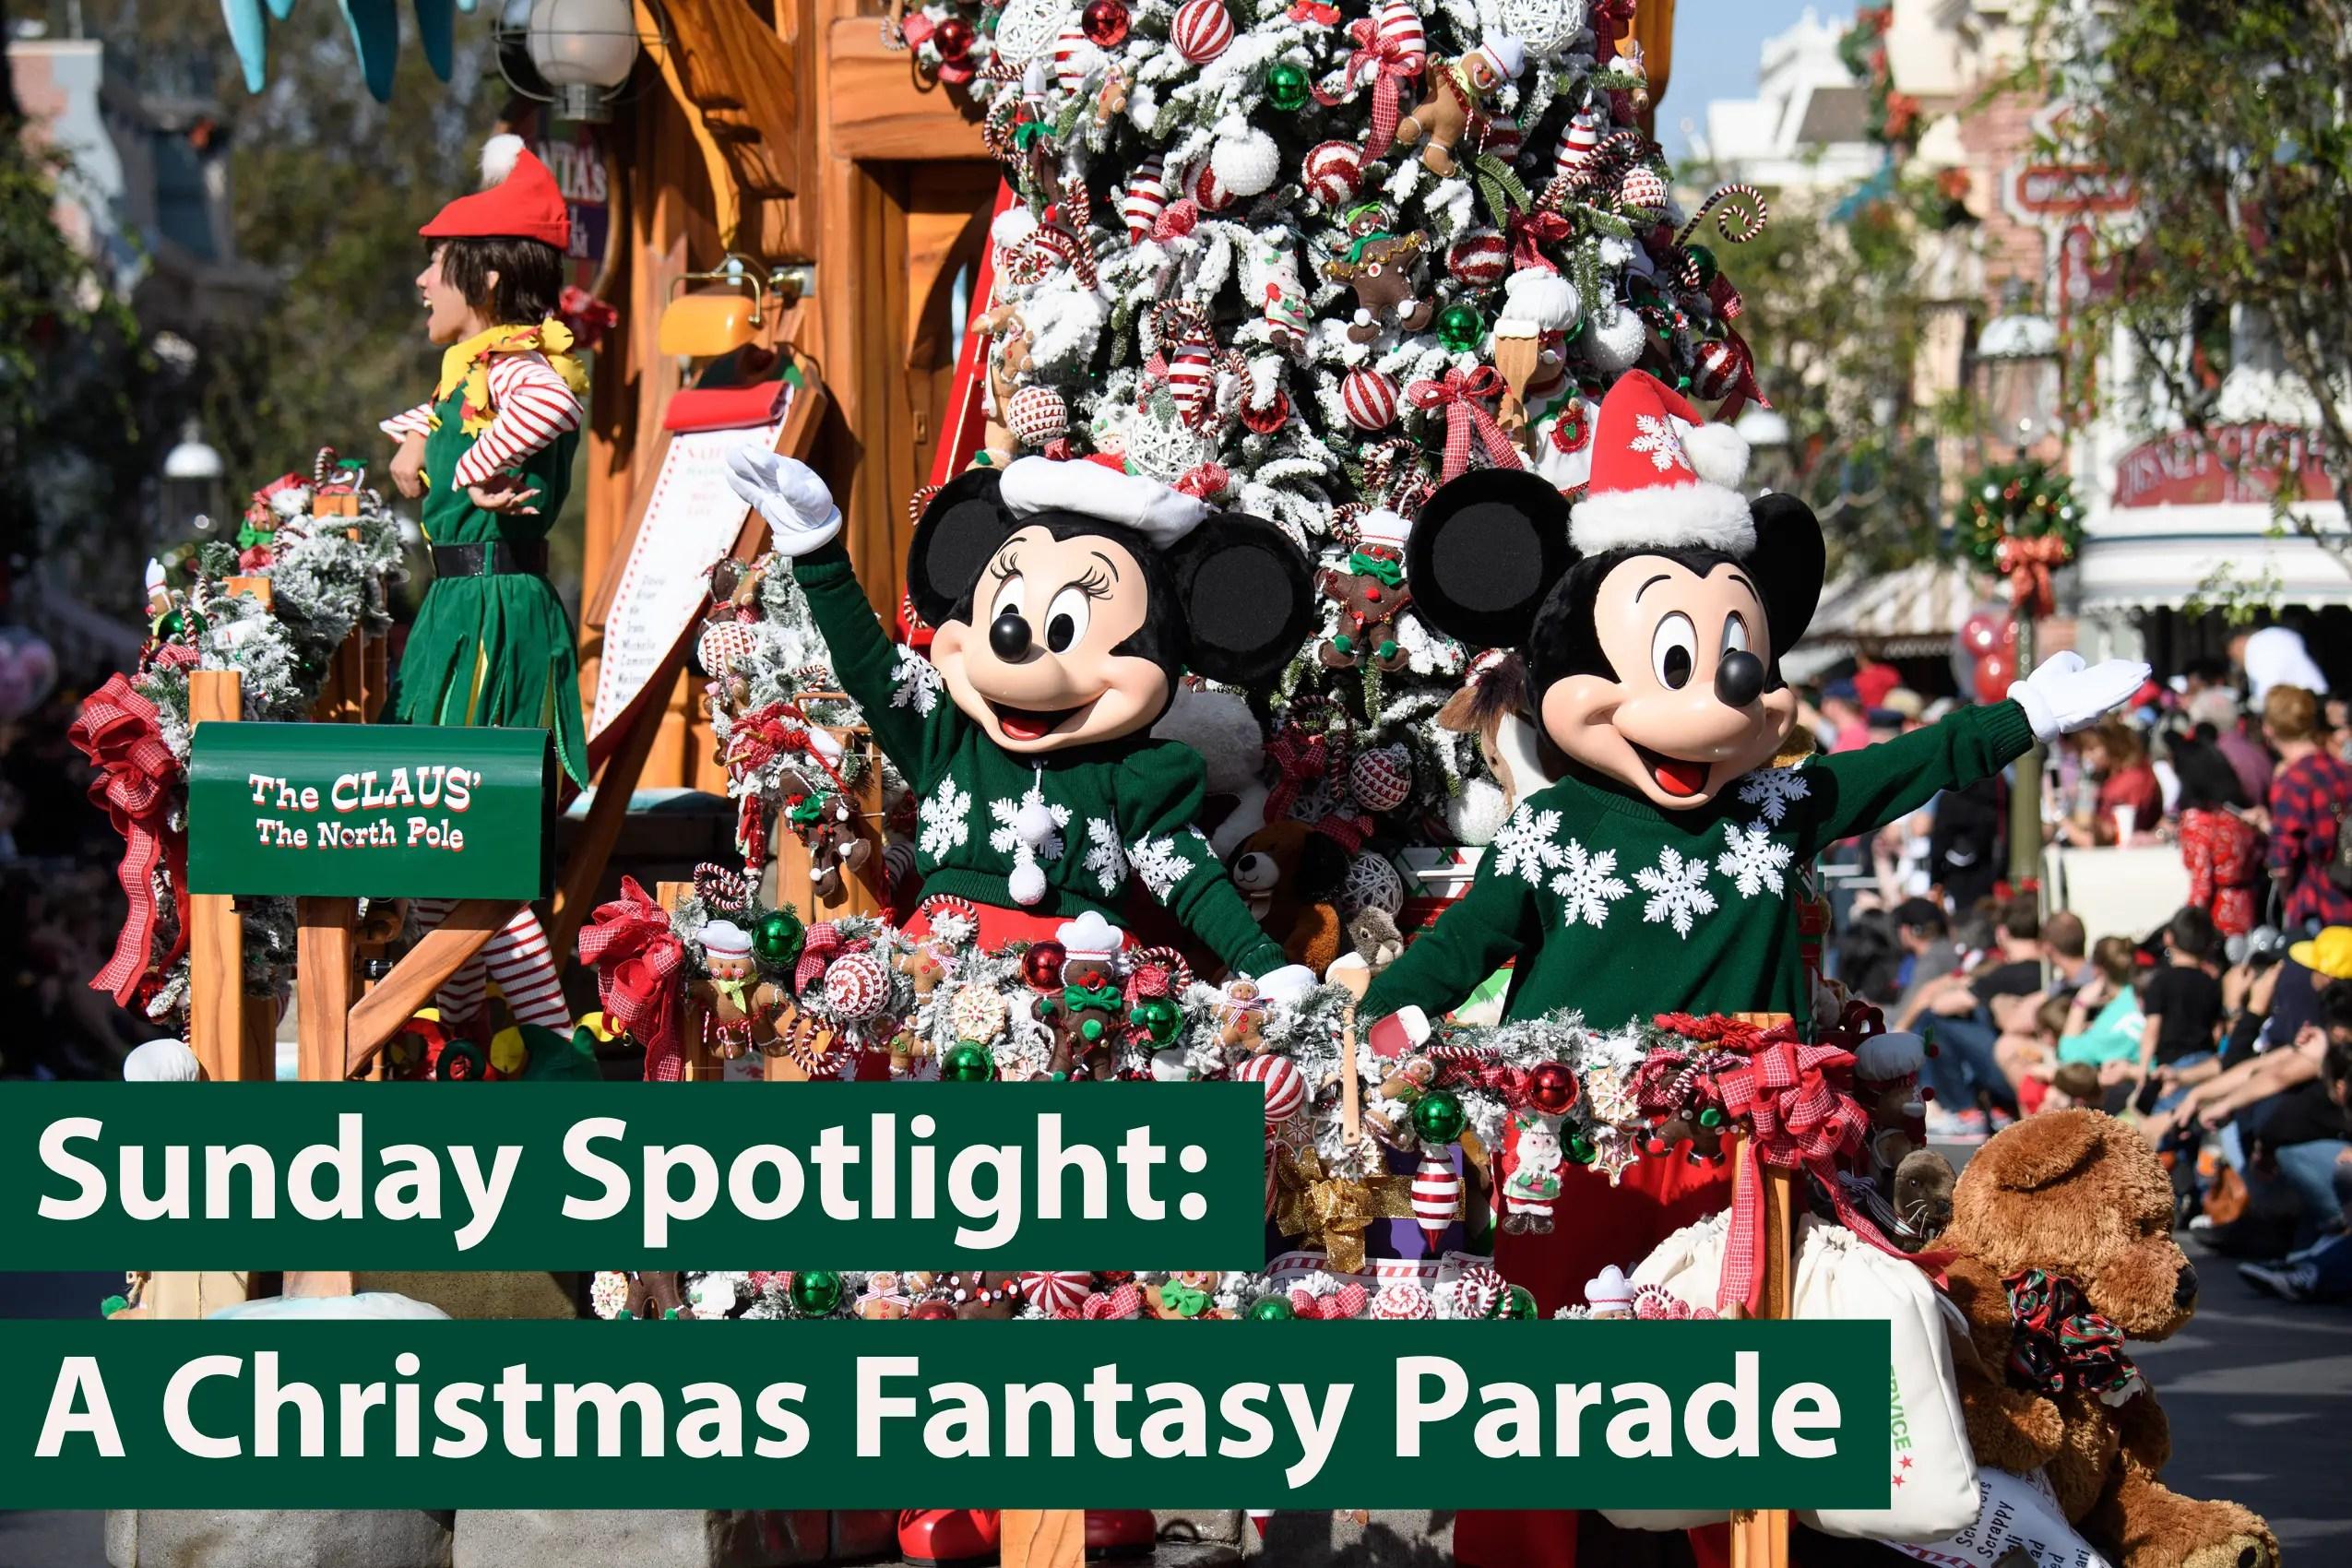 Sunday Spotlight: A Christmas Fantasy Parade